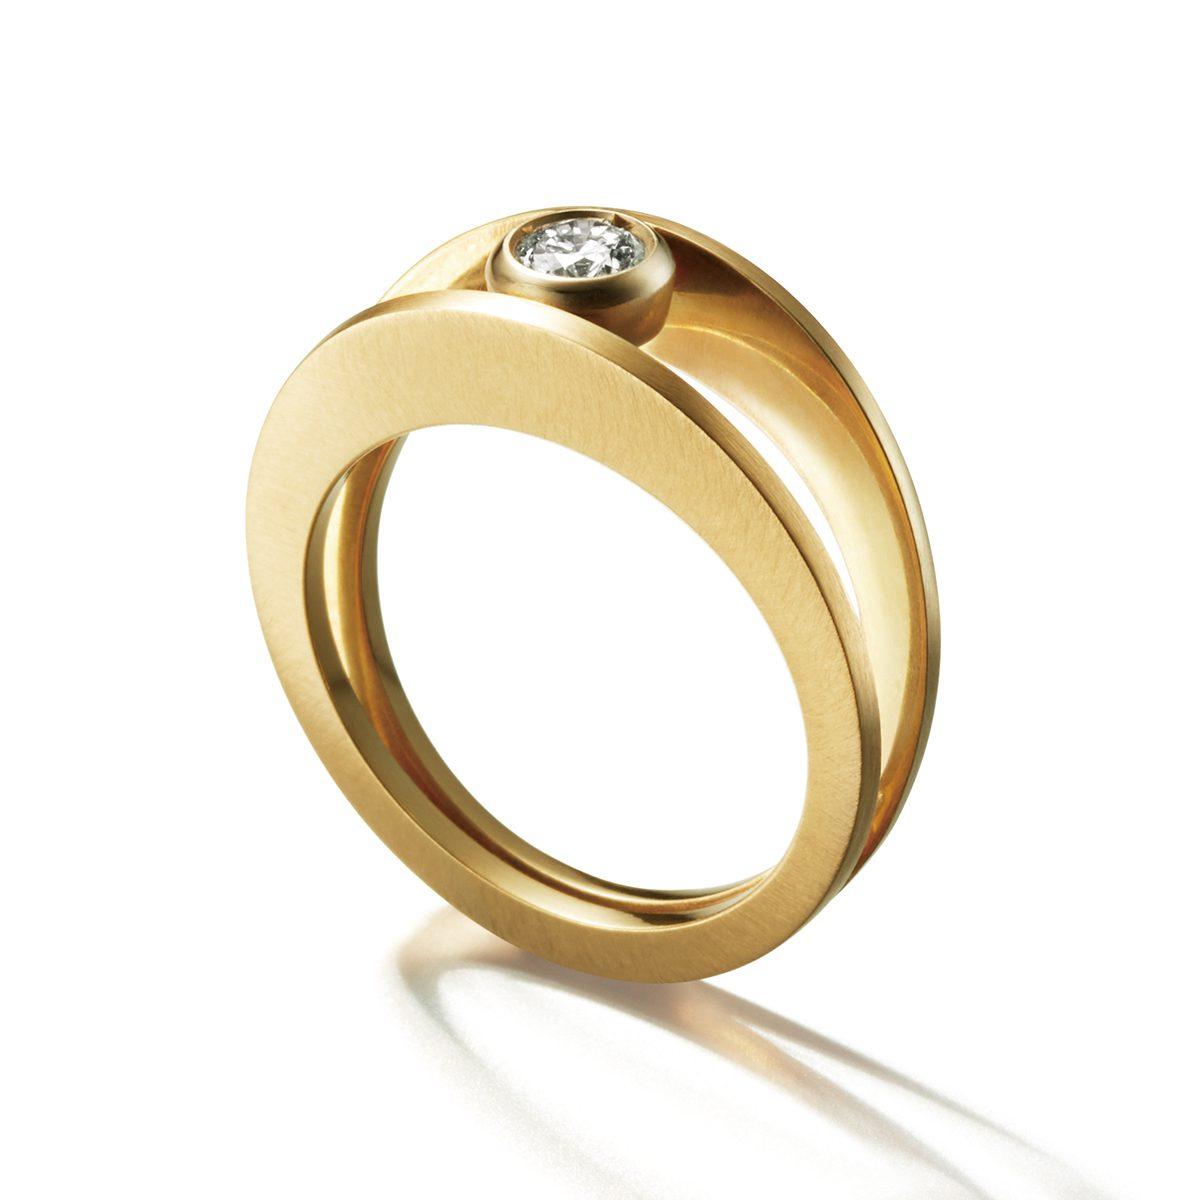 LIA DI GREGORIO CIRCLE |Engagement Rings